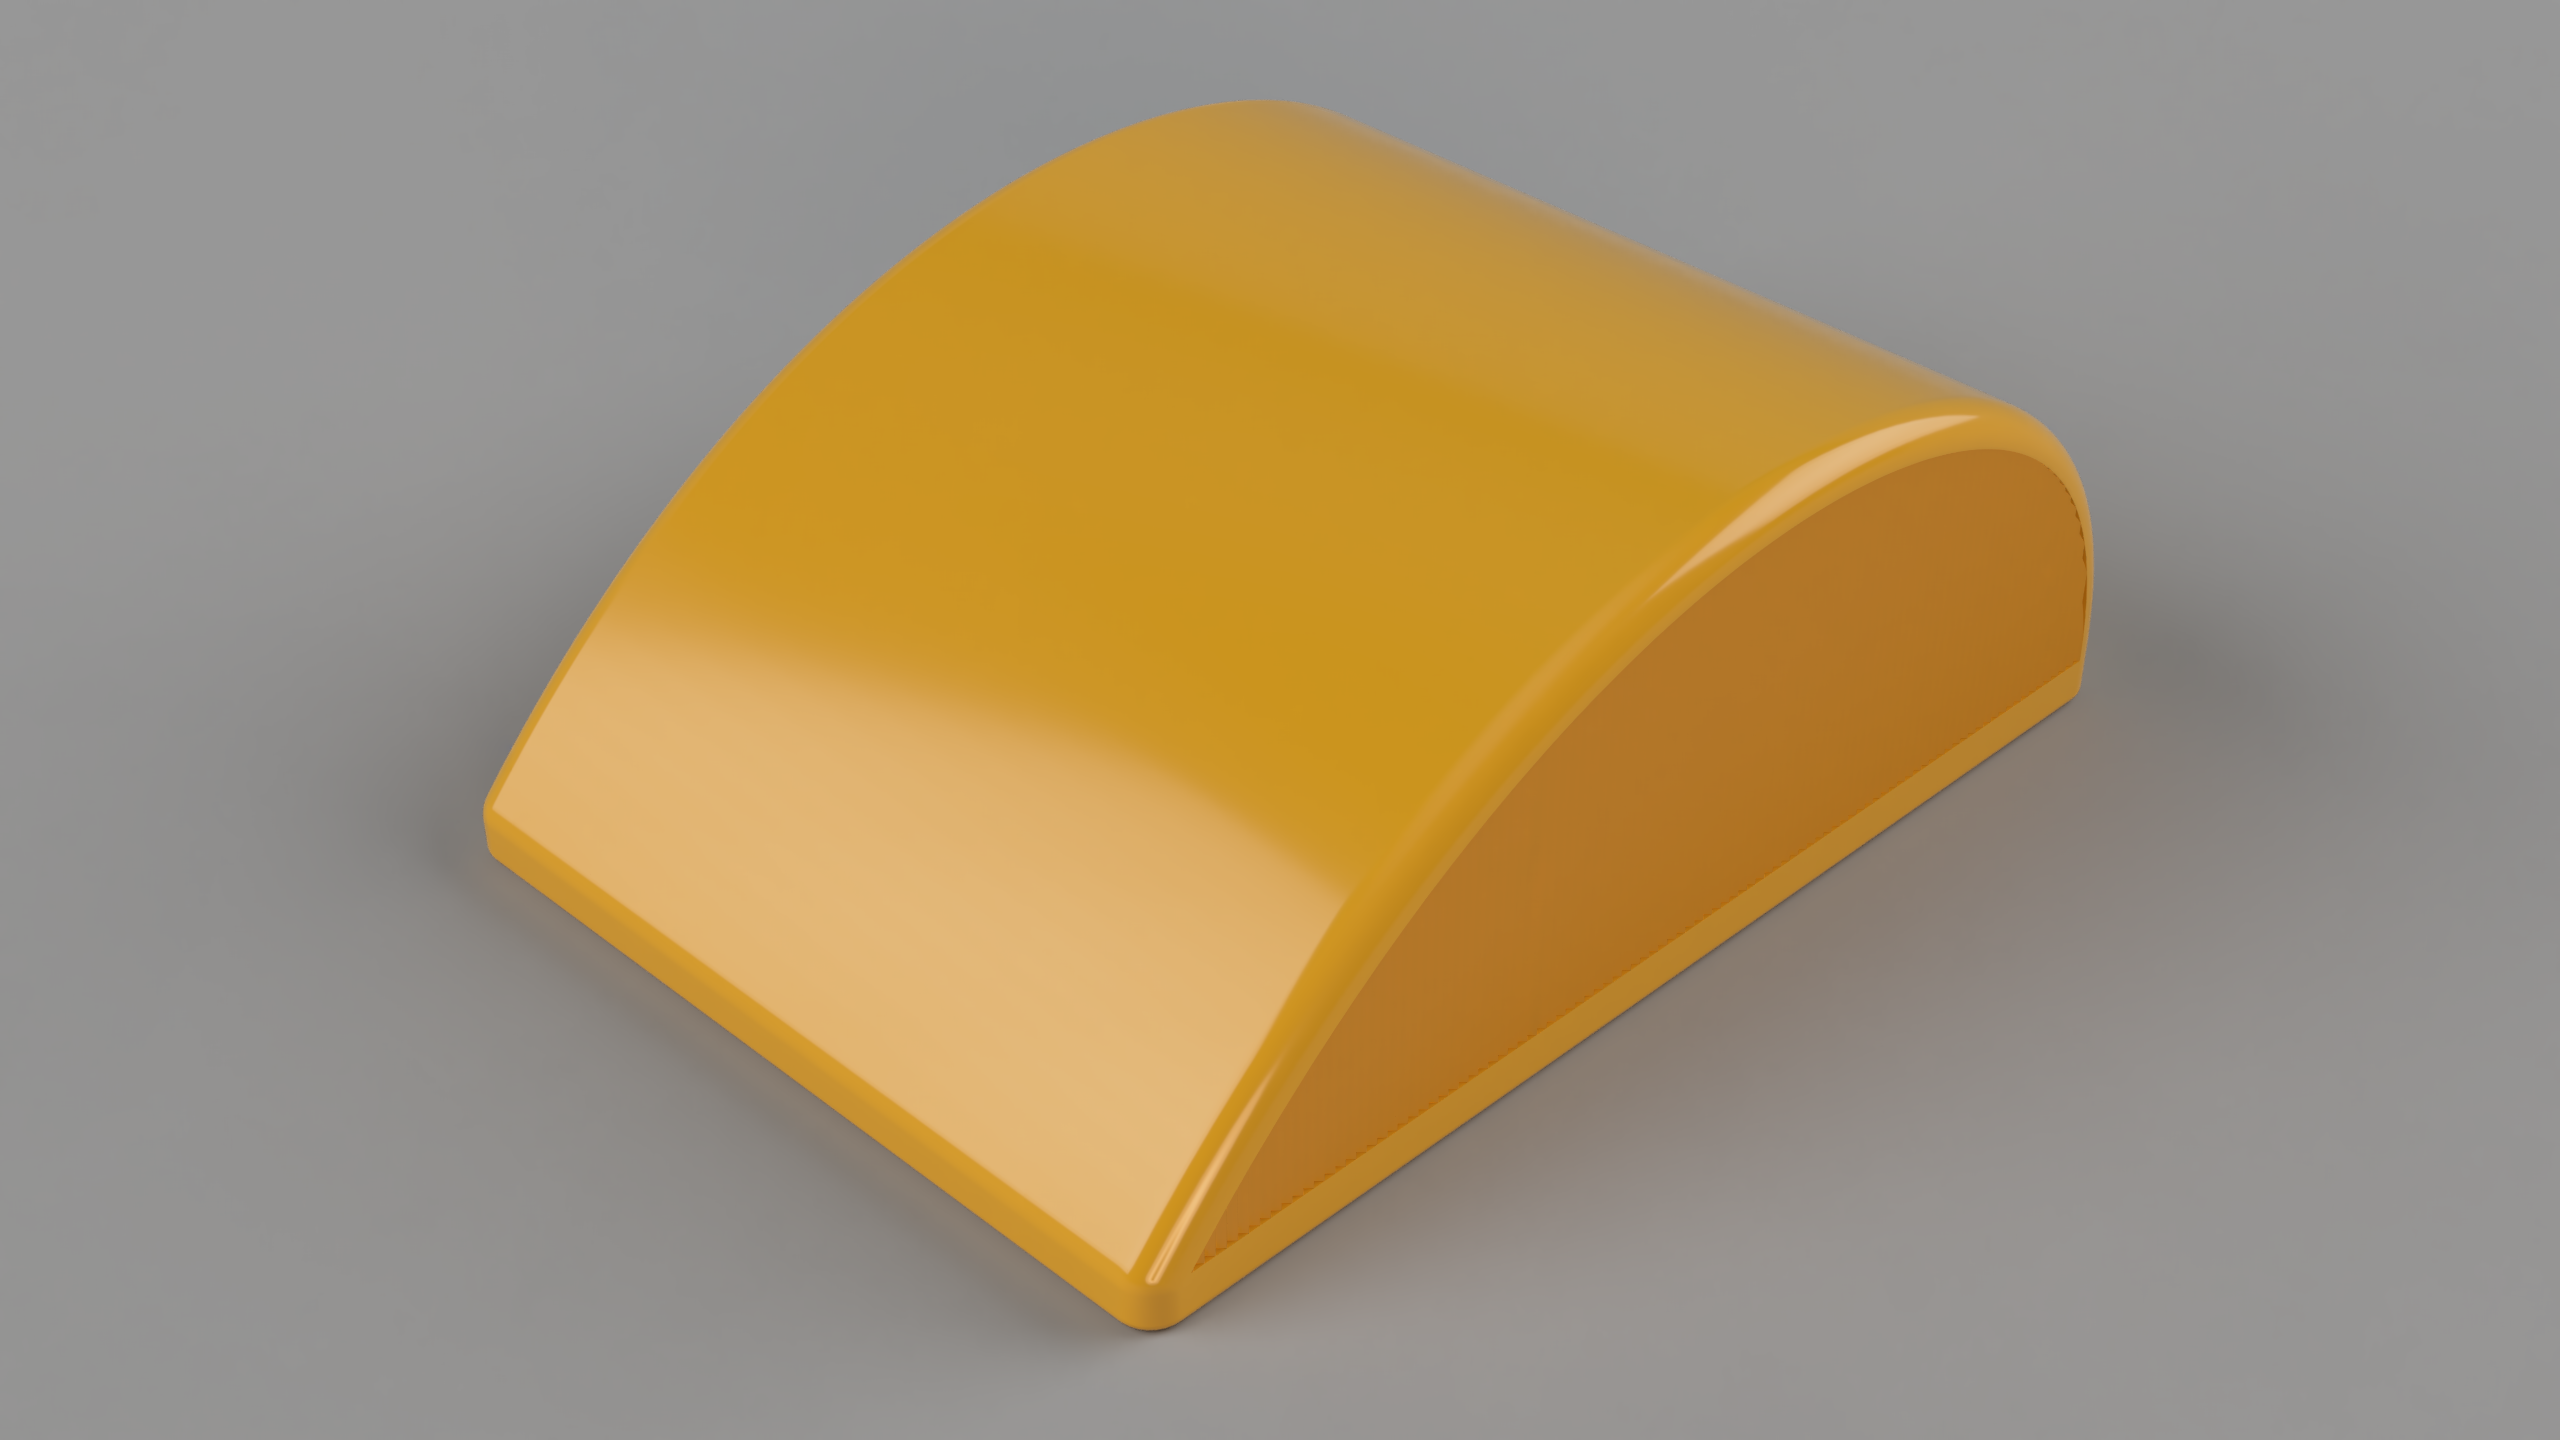 topRightOpaque.png Télécharger fichier STL gratuit Wemos D1 Mini Fiche 04 • Modèle pour impression 3D, Wilko